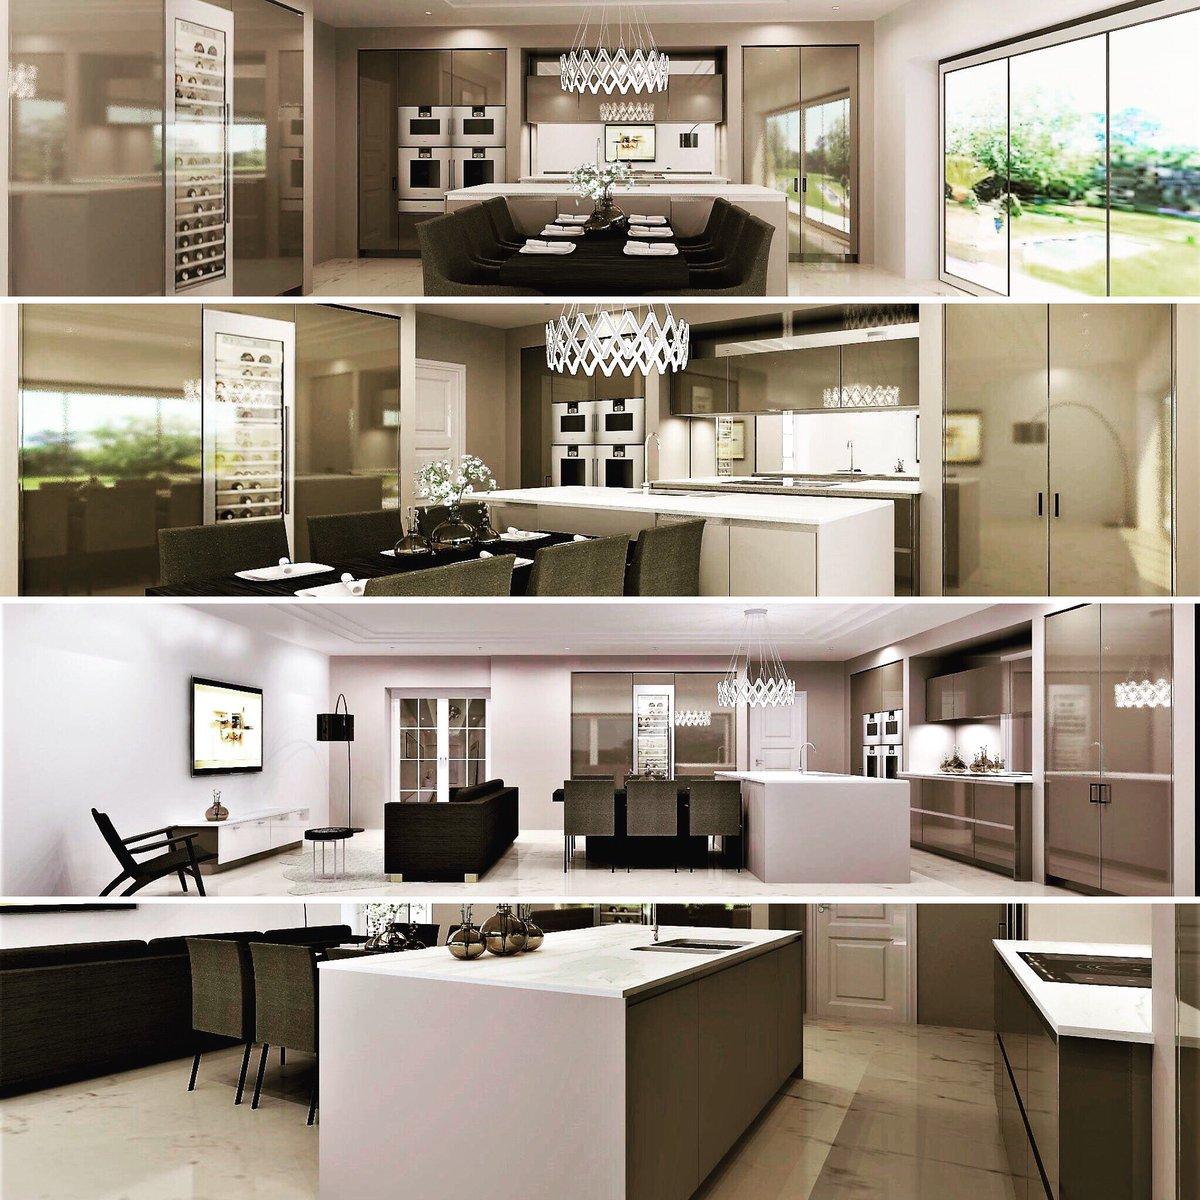 Kitchen Gallery Kitchen Gallery Kg Siematic Twitter